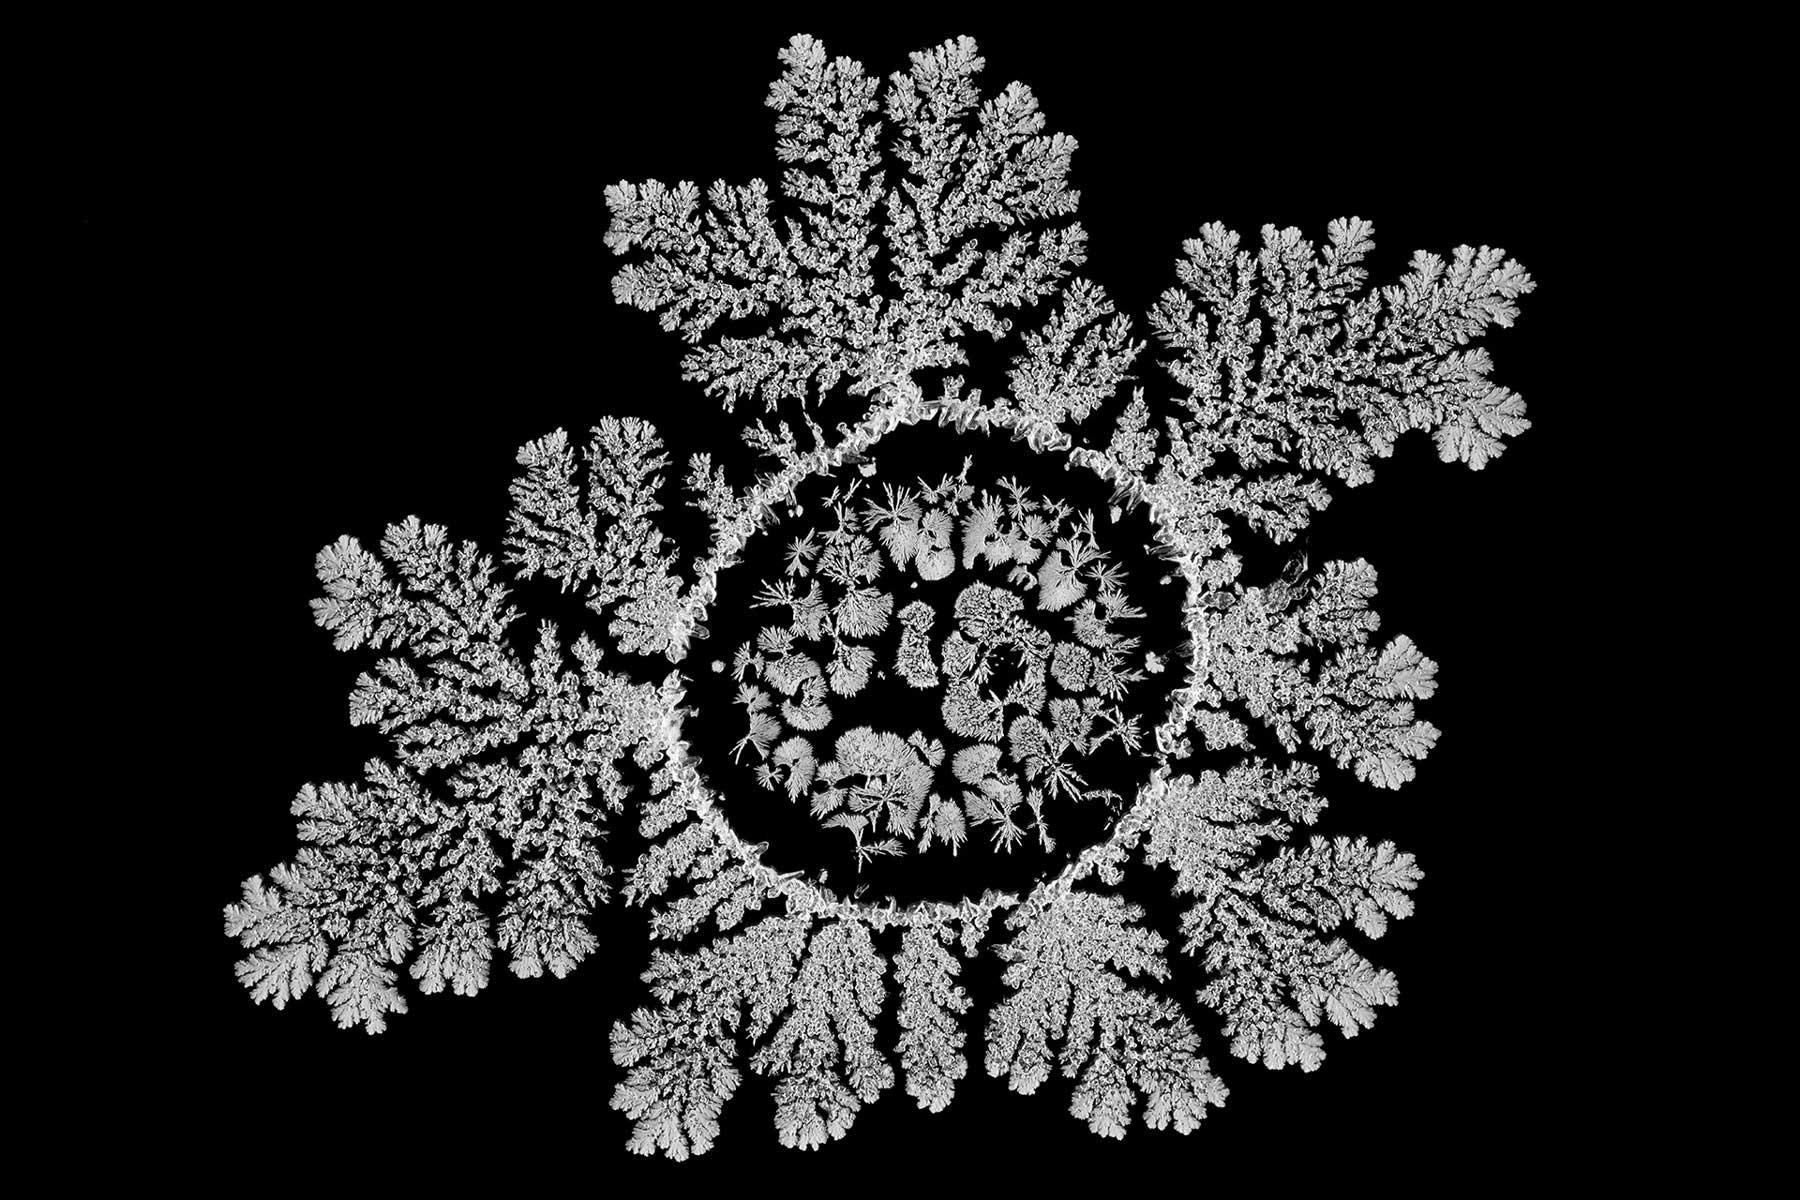 Wunderschöne Salz-Kristallisations-Muster salzkristallisation-the-arctic